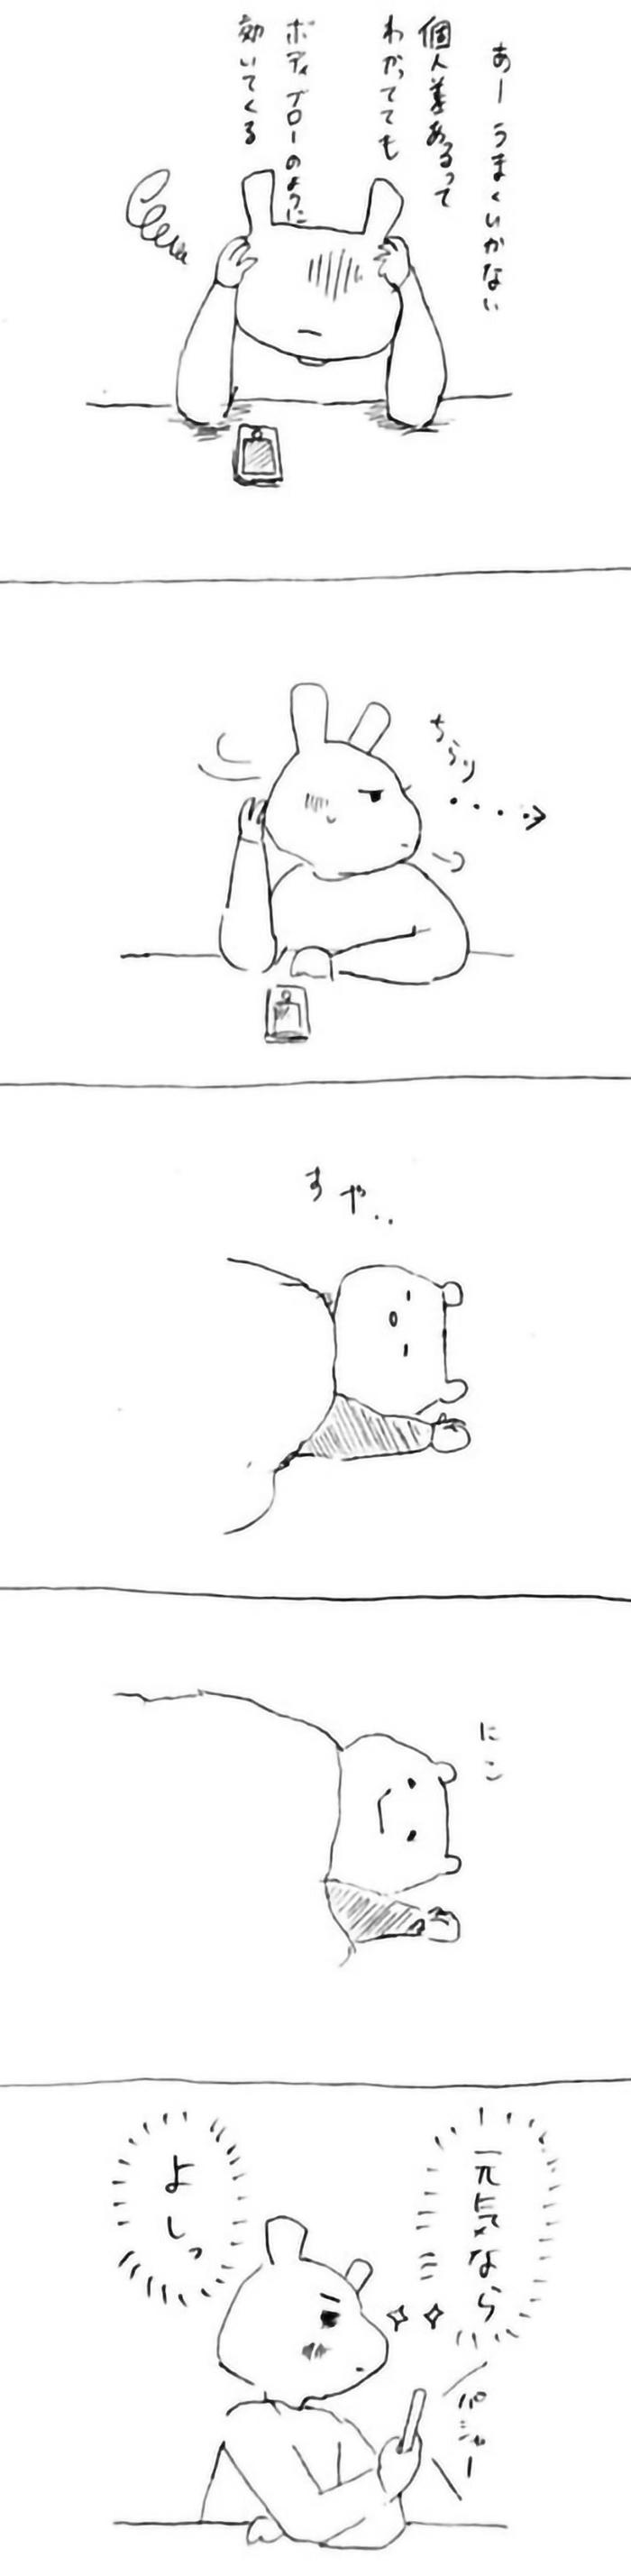 抱っこマンに離乳食拒否…0歳育児のリアルと、心を軽くする言葉の画像33